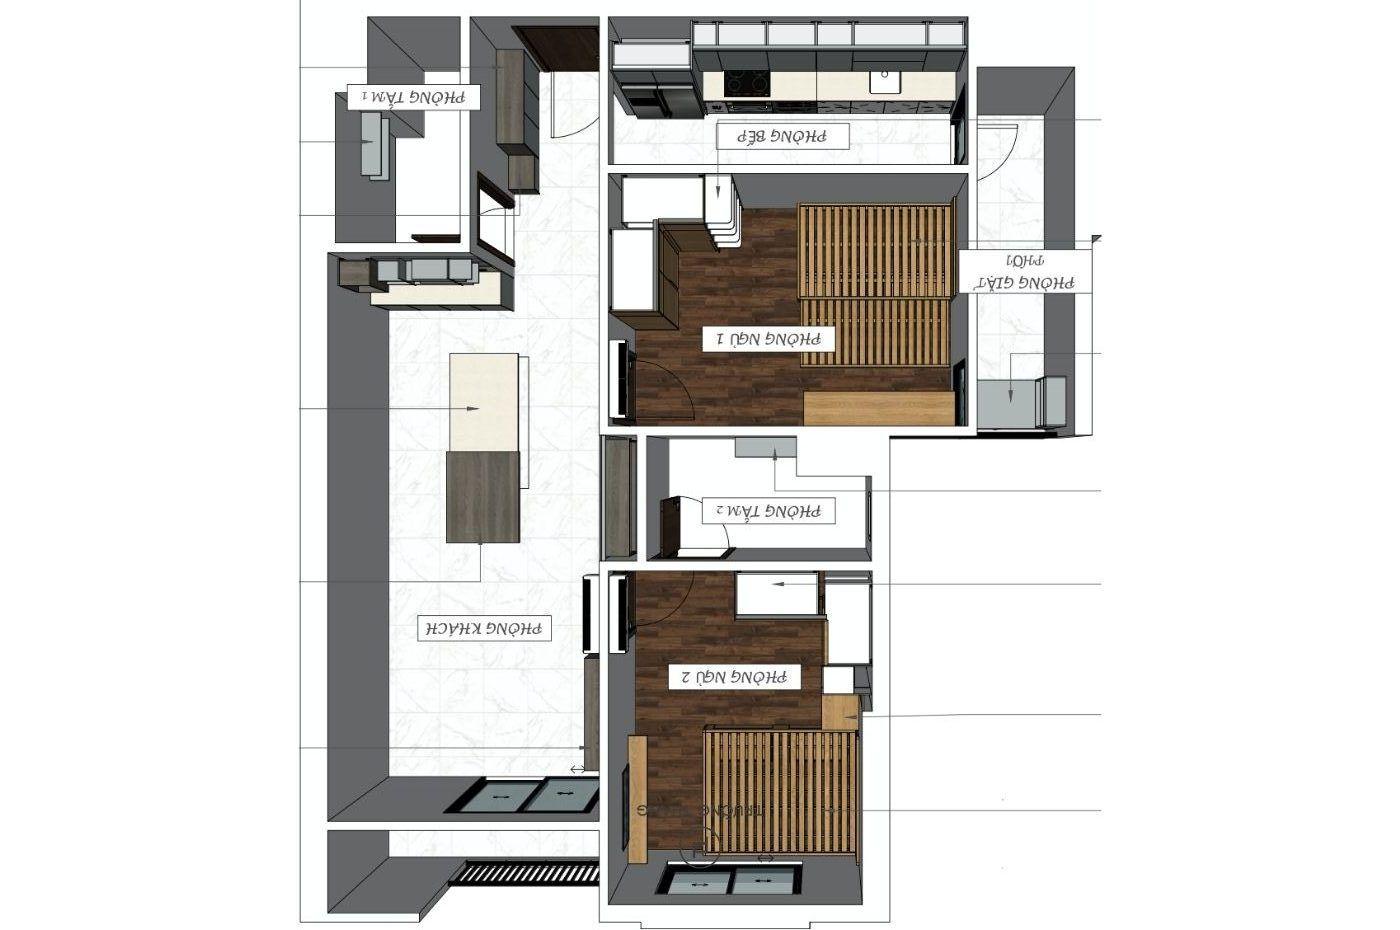 Tìm hiểu về phần mềm thiết kế nội thất SketchUp